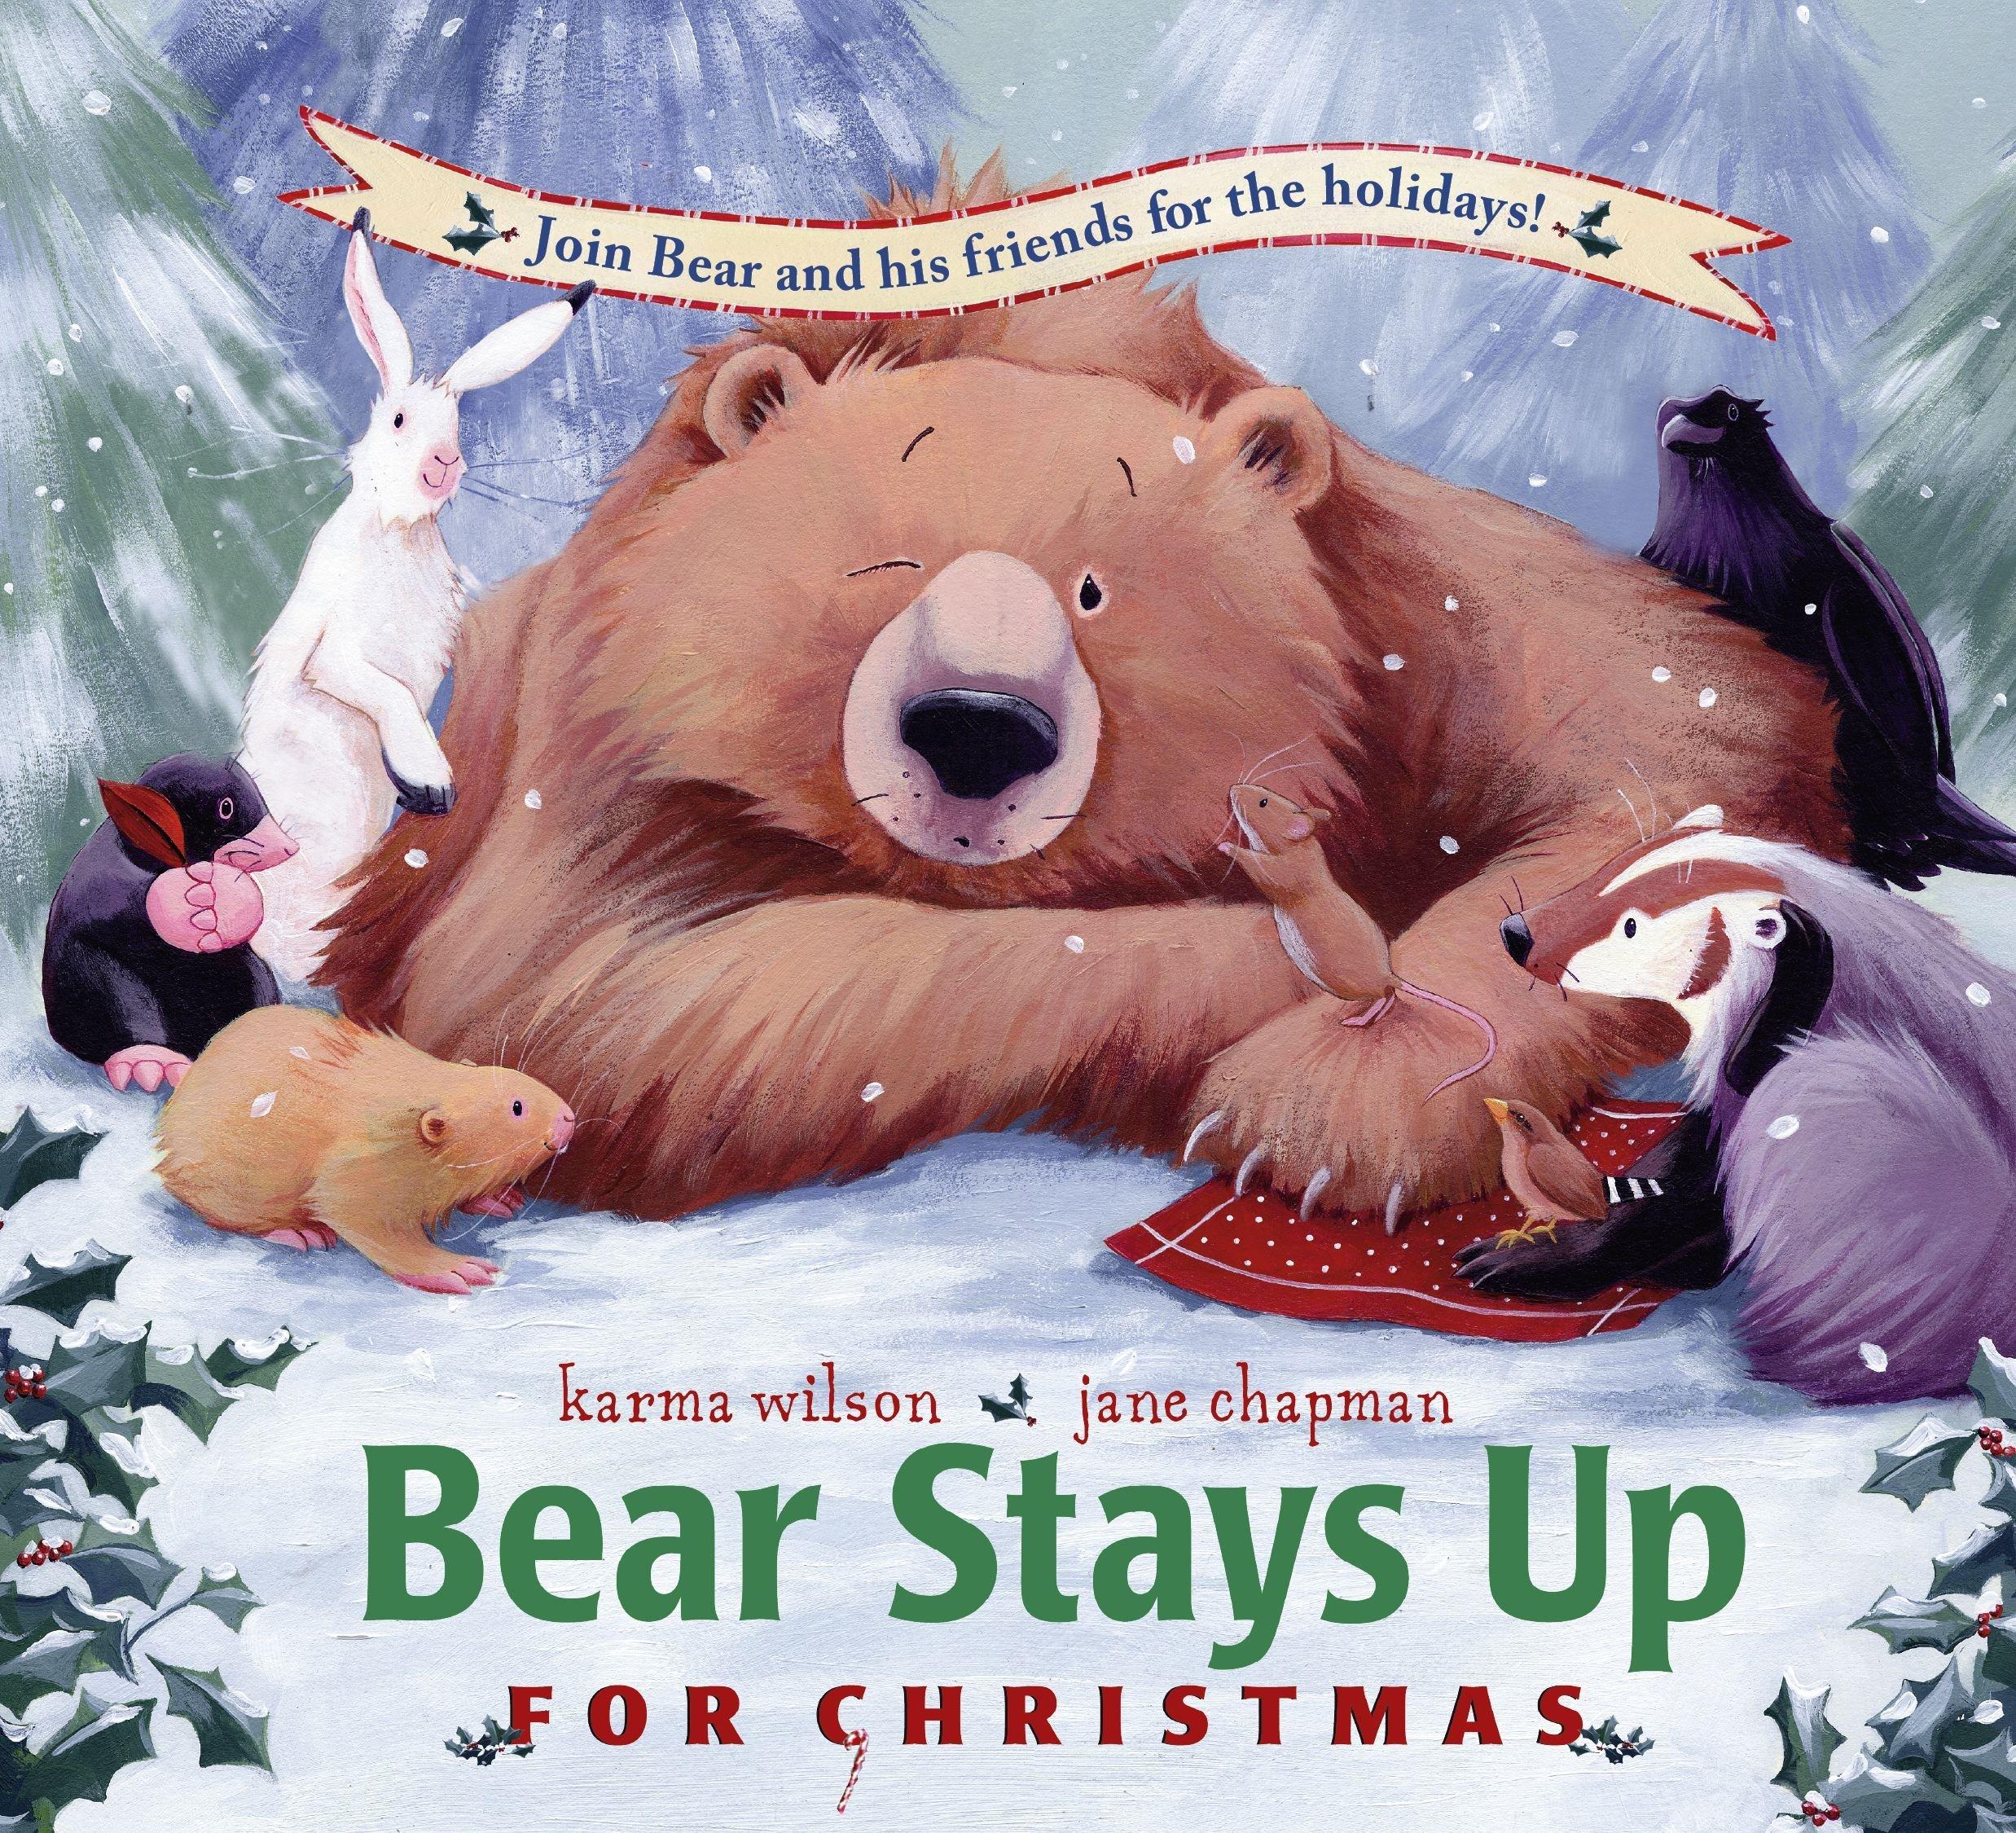 shegotguts - christmas books - bear wakes up for christmas.jpg